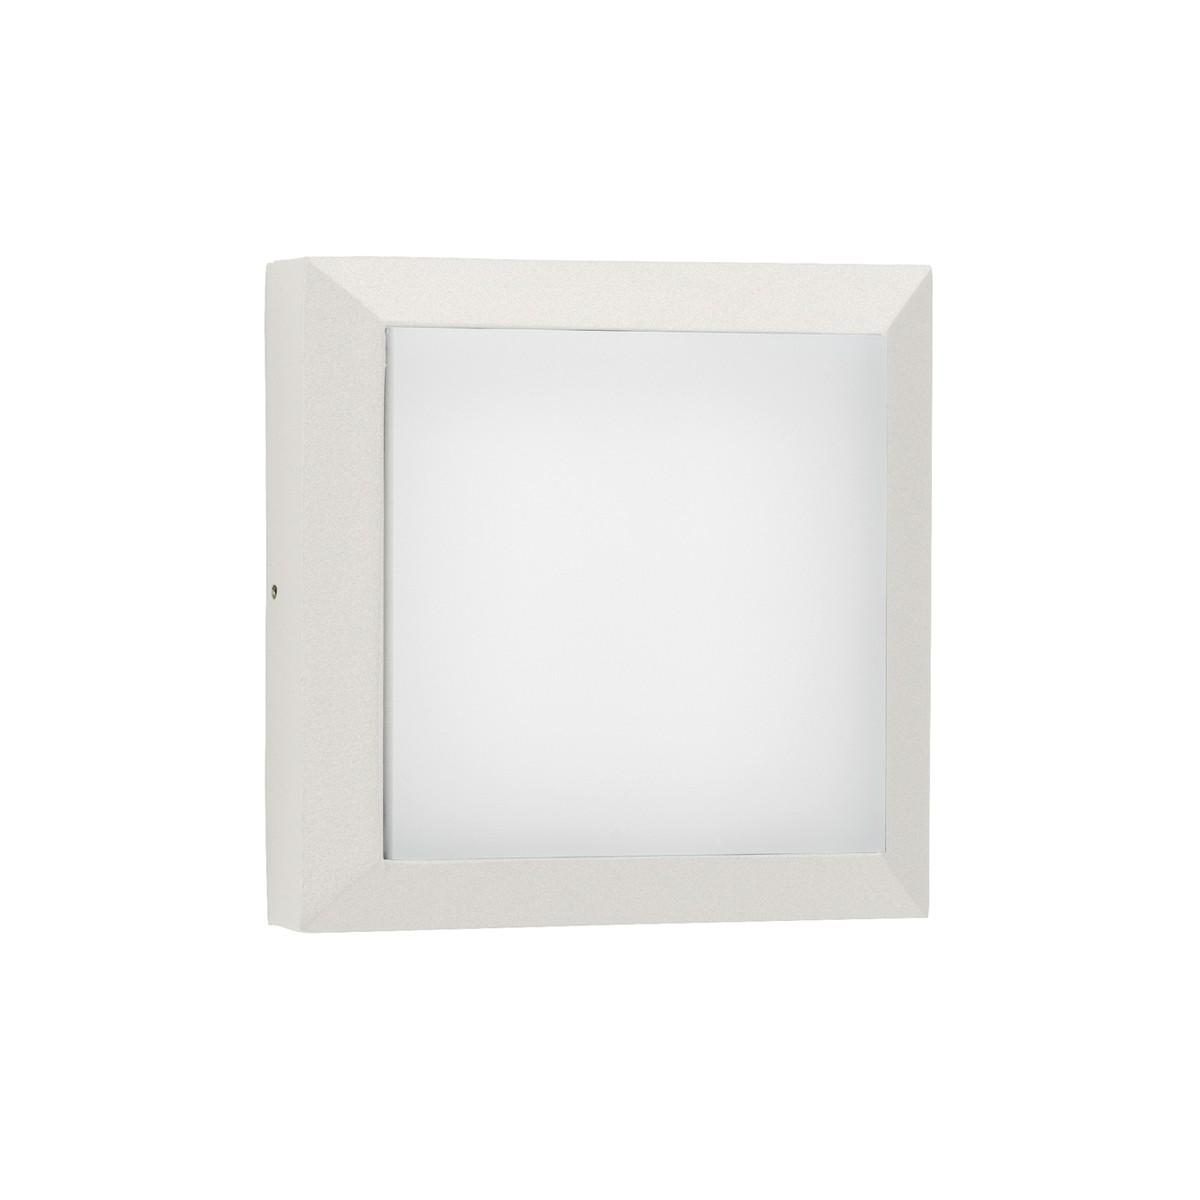 Albert 6560 LED Wand- / Deckenleuchte, weiß